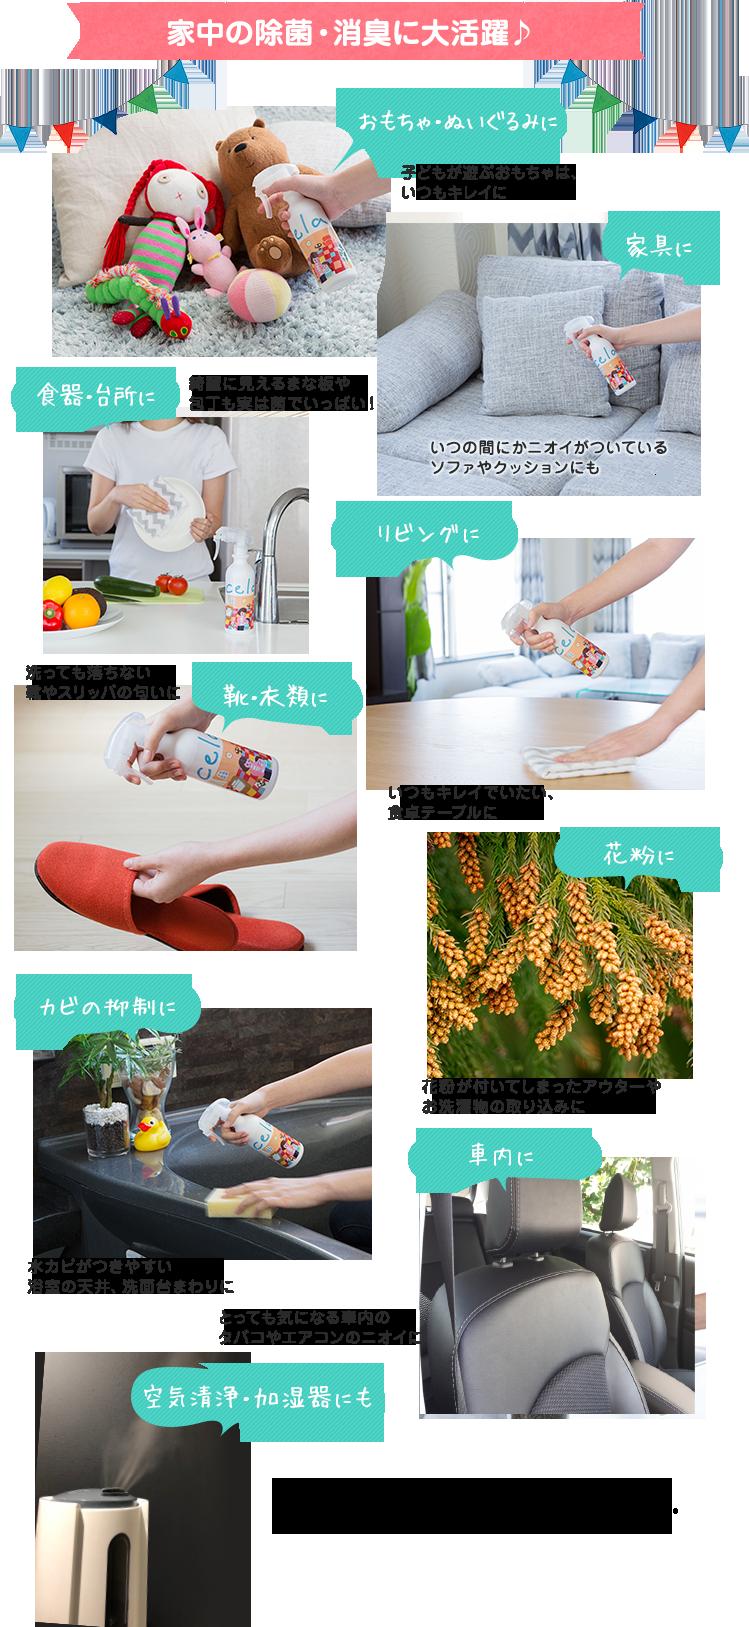 家中の除菌・消臭に大活躍